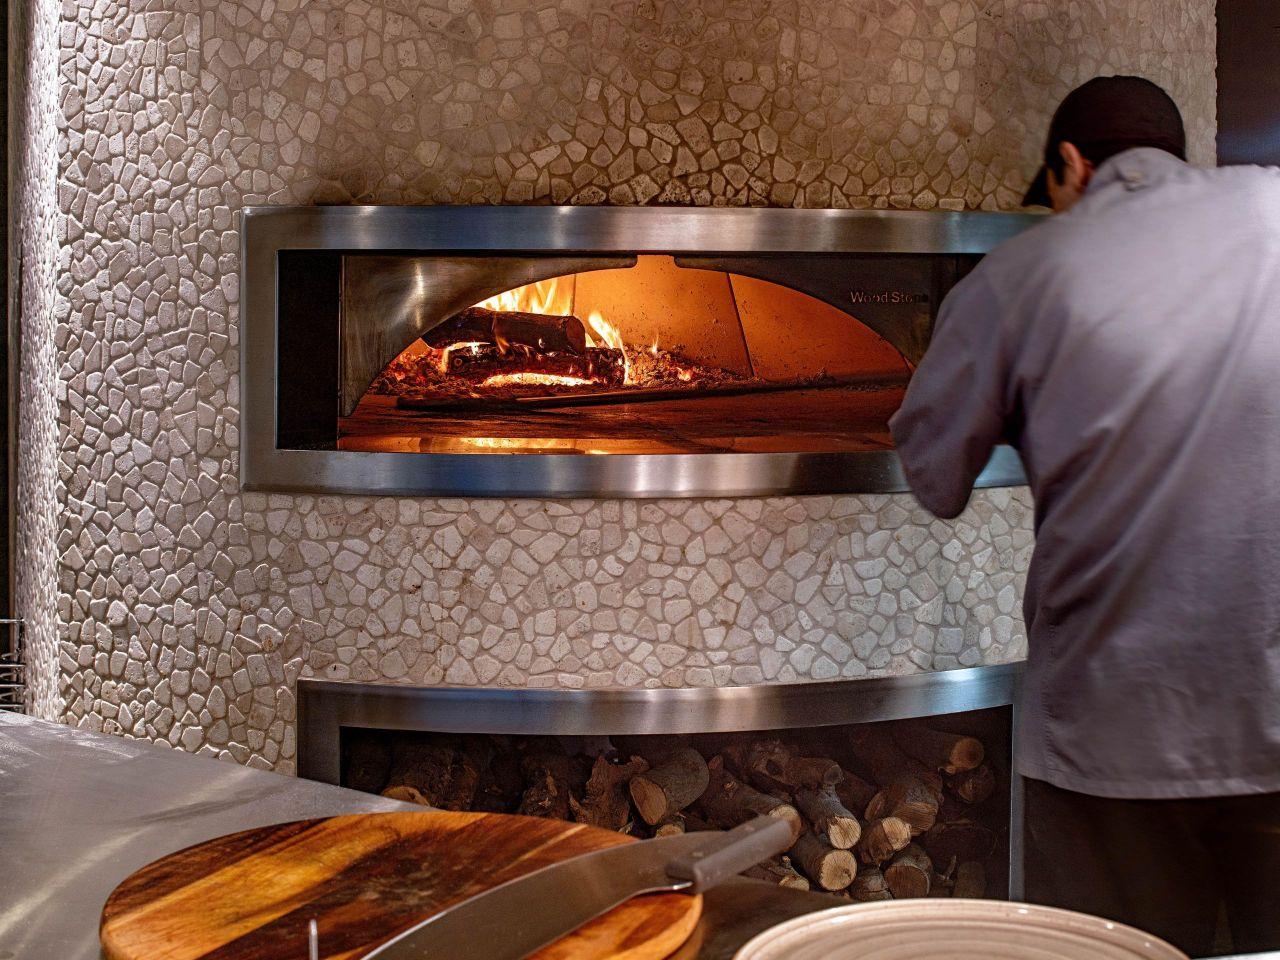 Andare Pizza Oven